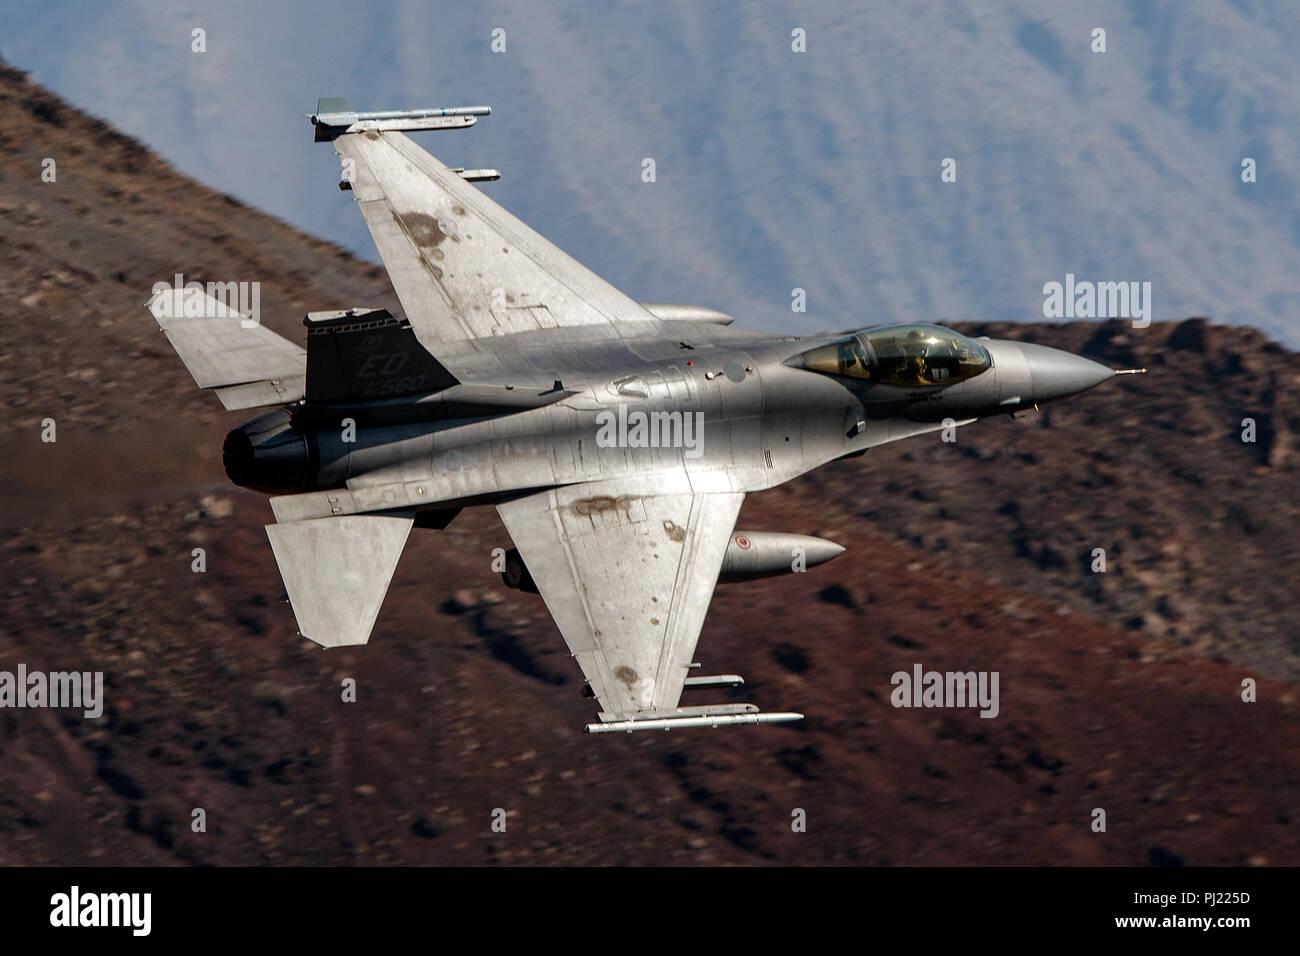 United States Air Force General Dynamics F-16C Fighting Falcon blocco 30B (85-1560) vola basso livello sulla transizione Jedi attraverso Star Wars Canyon / Rainbow Canyon, il Parco Nazionale della Valle della Morte, Panamint Springs, California, Stati Uniti d'America Immagini Stock